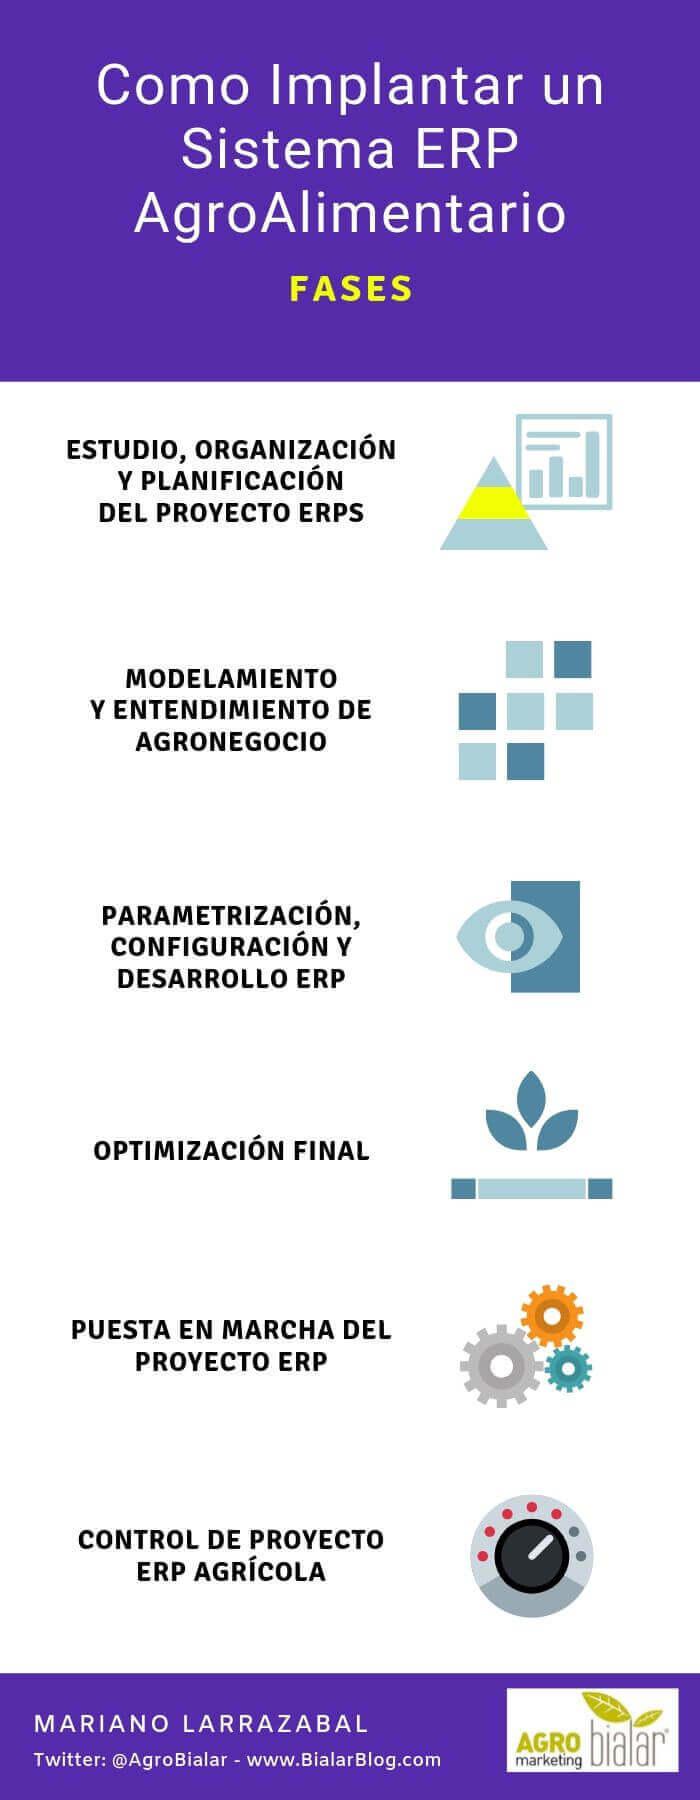 Como Implantar un Sistema ERP Agro. Fases